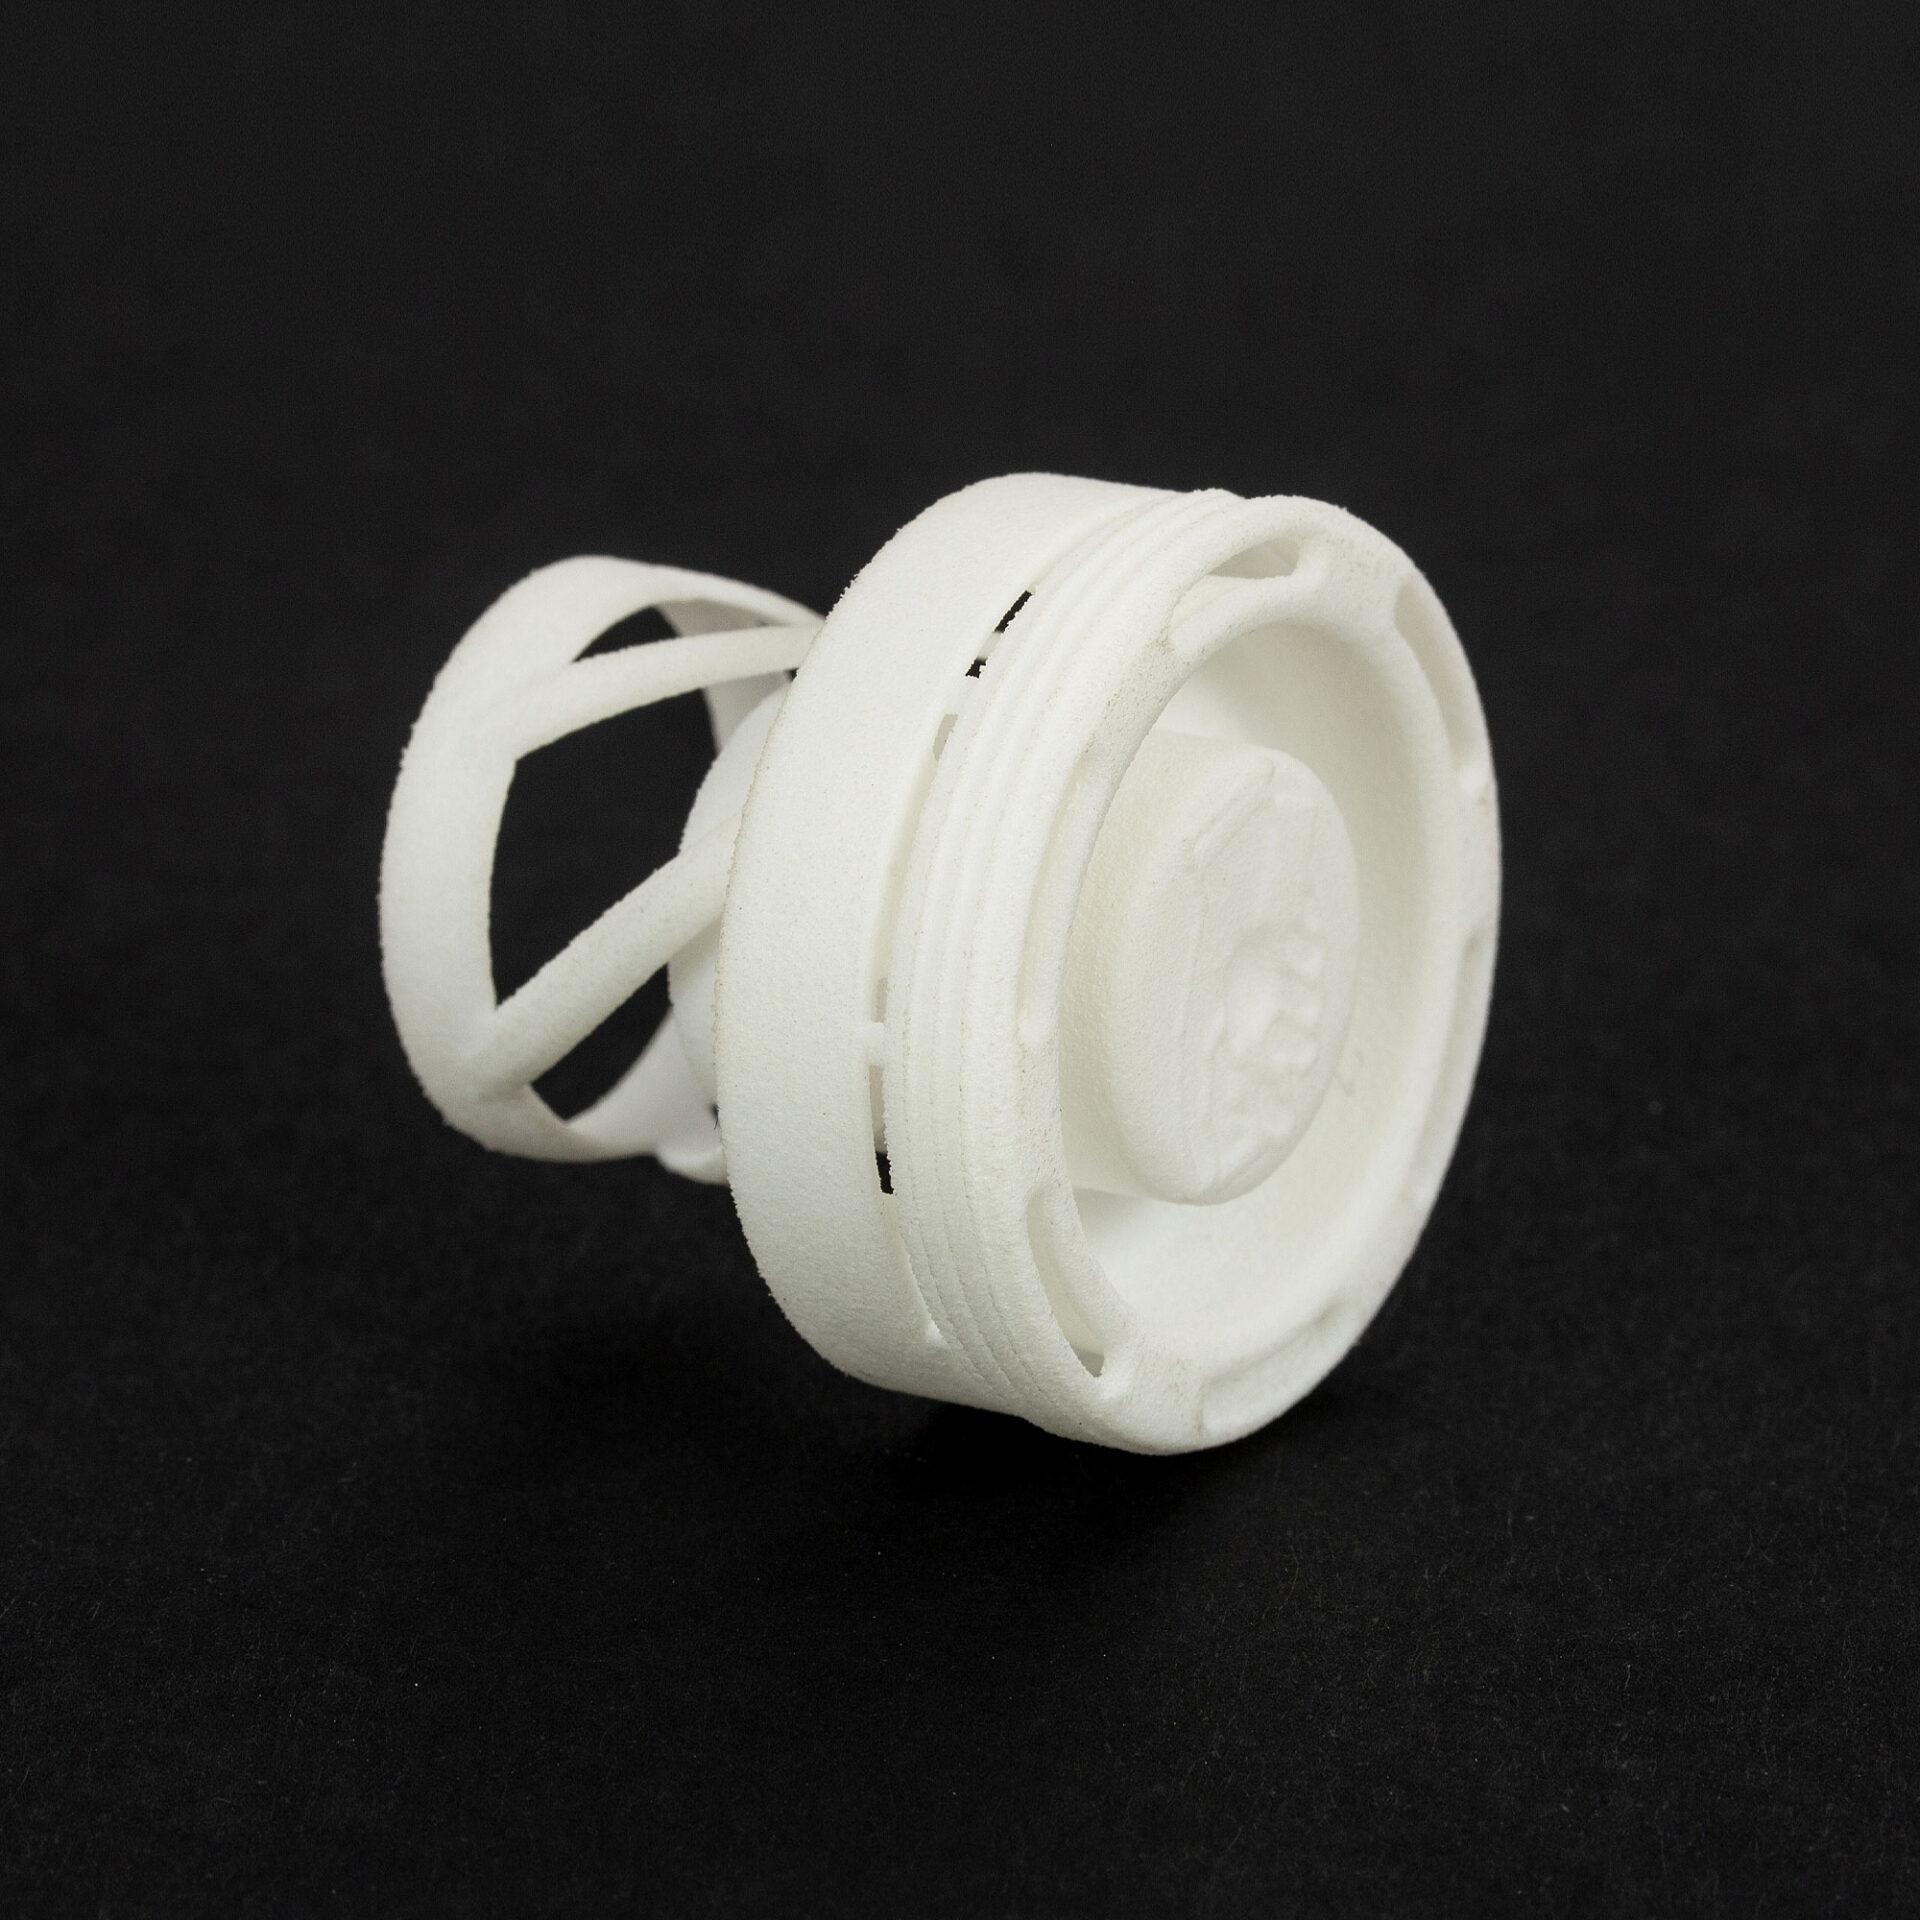 Zatyczka dociskowa wydrukowana w 3D w technologii SLS filamentem PA 2200 na drukarce 3D EOS P396